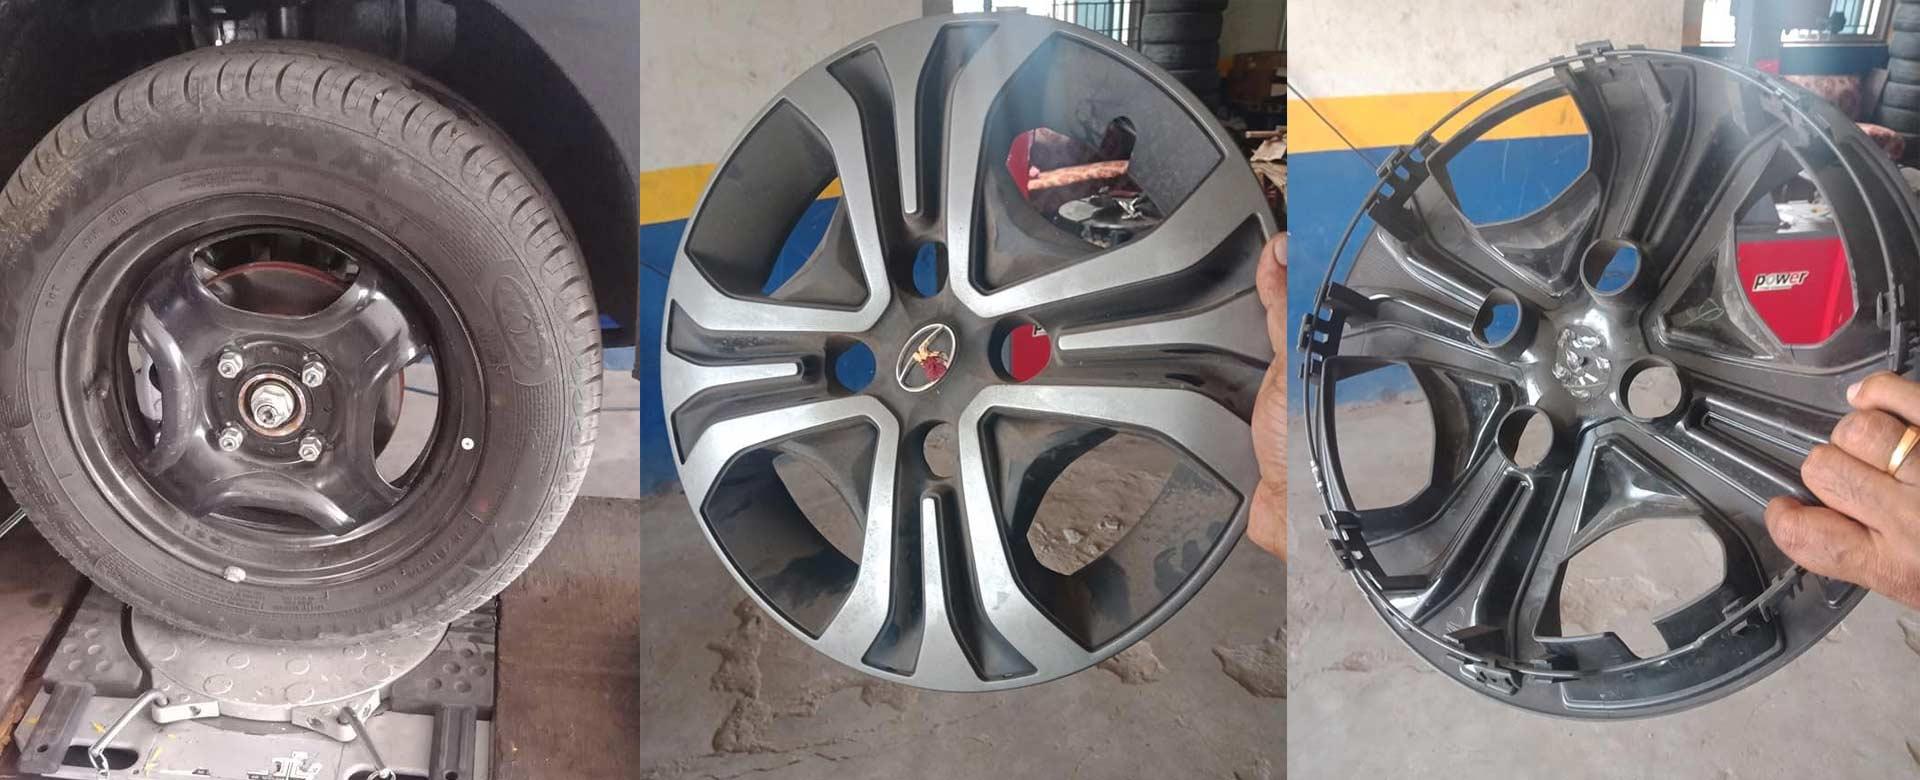 Tata-Tiago-NRG-DurAlloy-wheel-gimmick